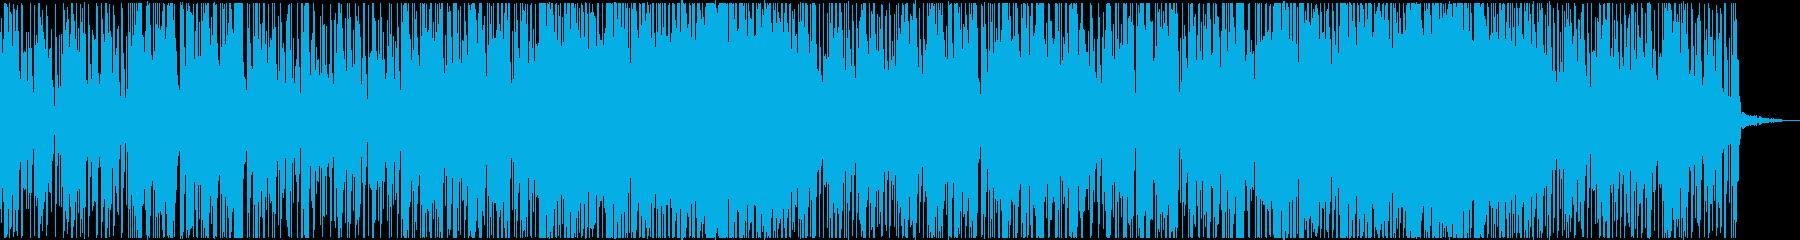 80年代のメガヒット洋楽をイメージの再生済みの波形